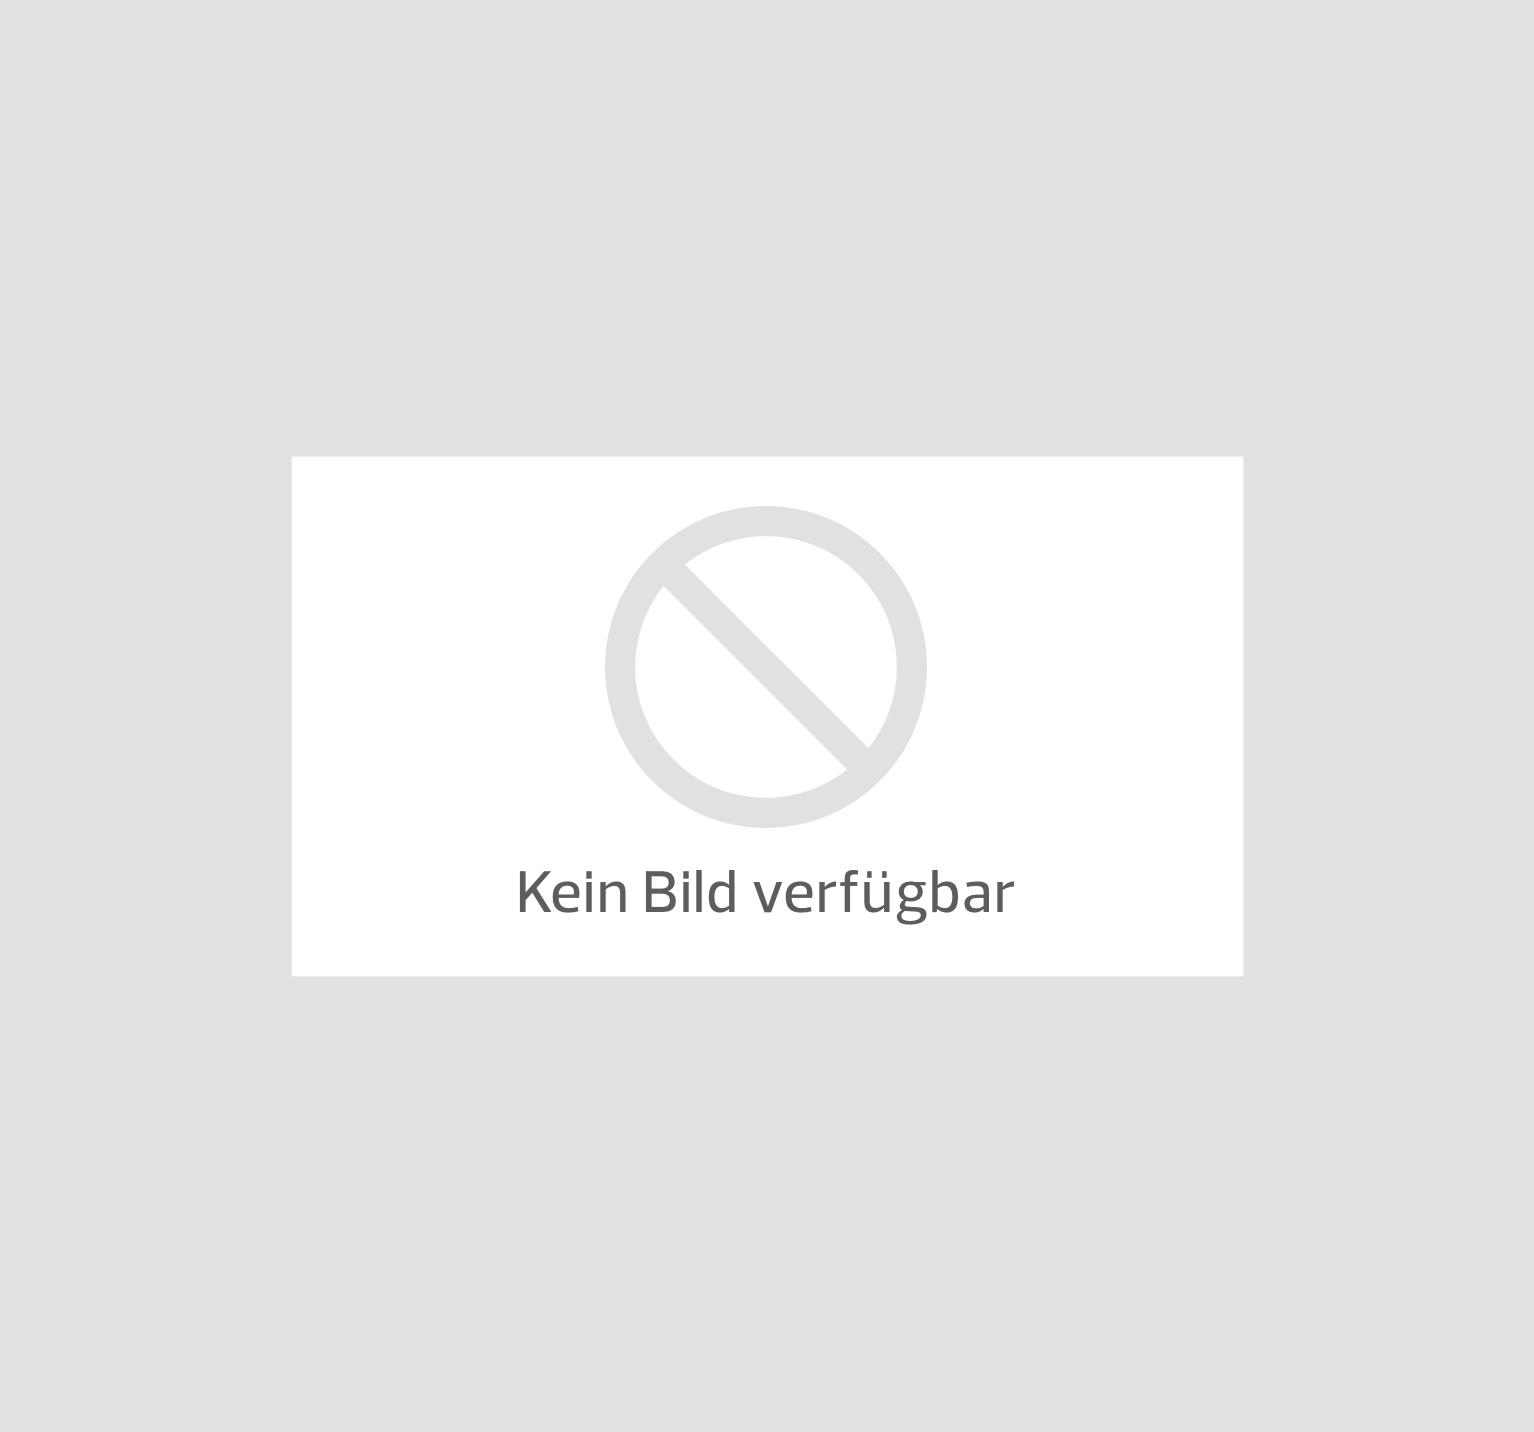 Spiele Spione Lies & Apple Pies Torte Stadt Arbeiter Platzierung Platte Spiel